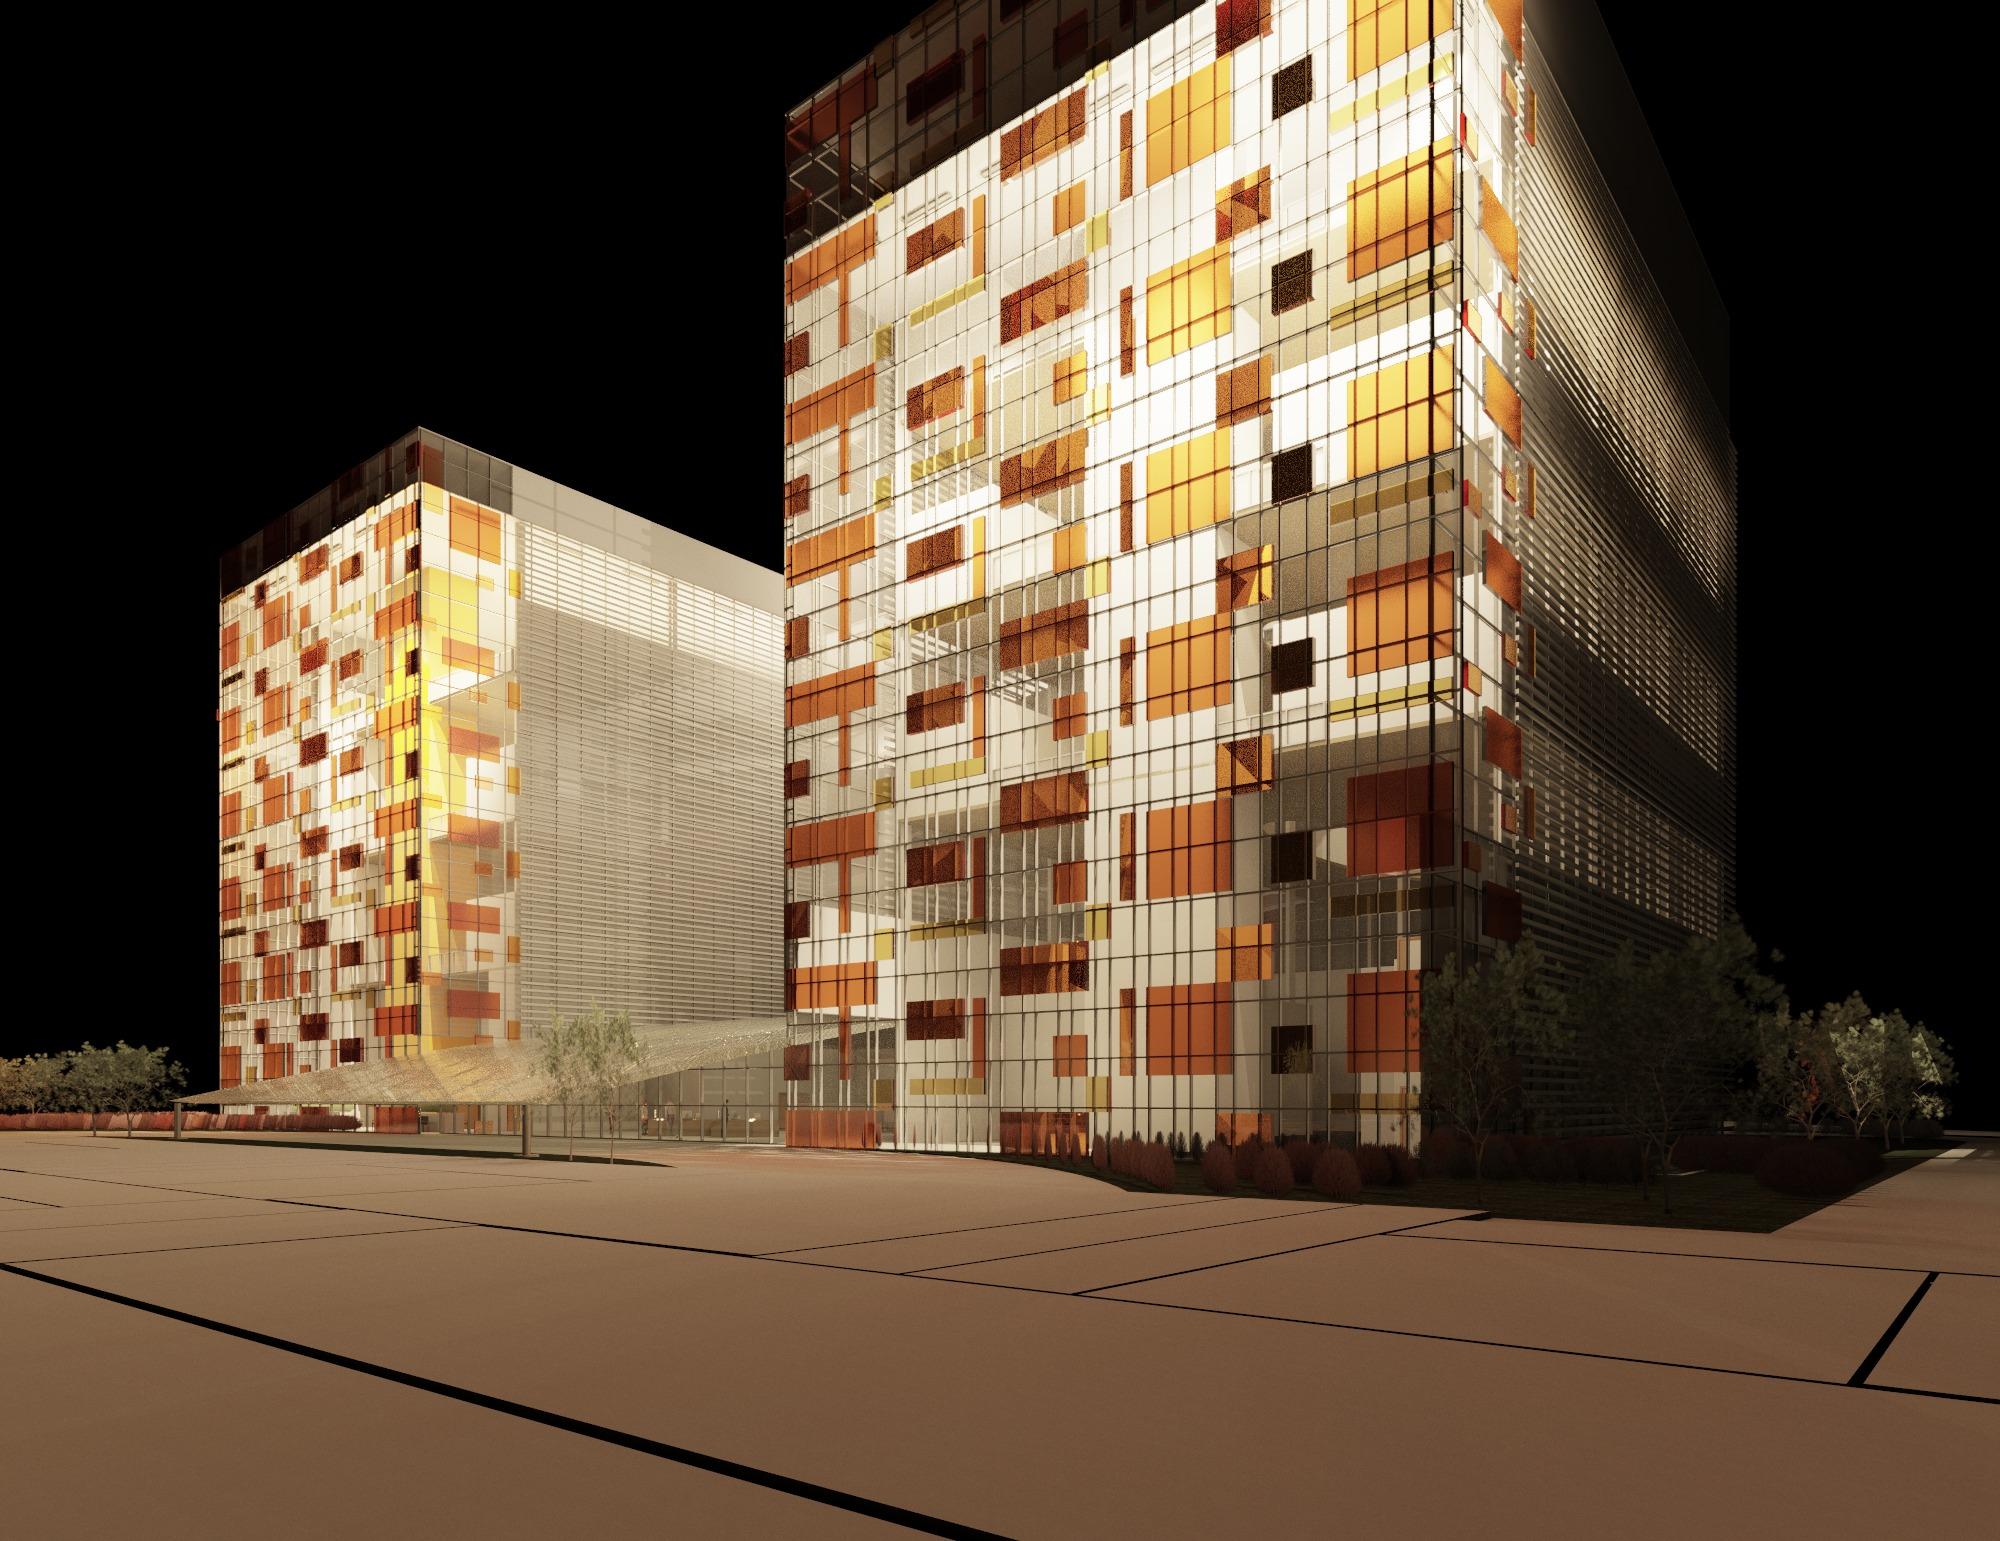 Raas-rendering20150312-1650-gyytuq